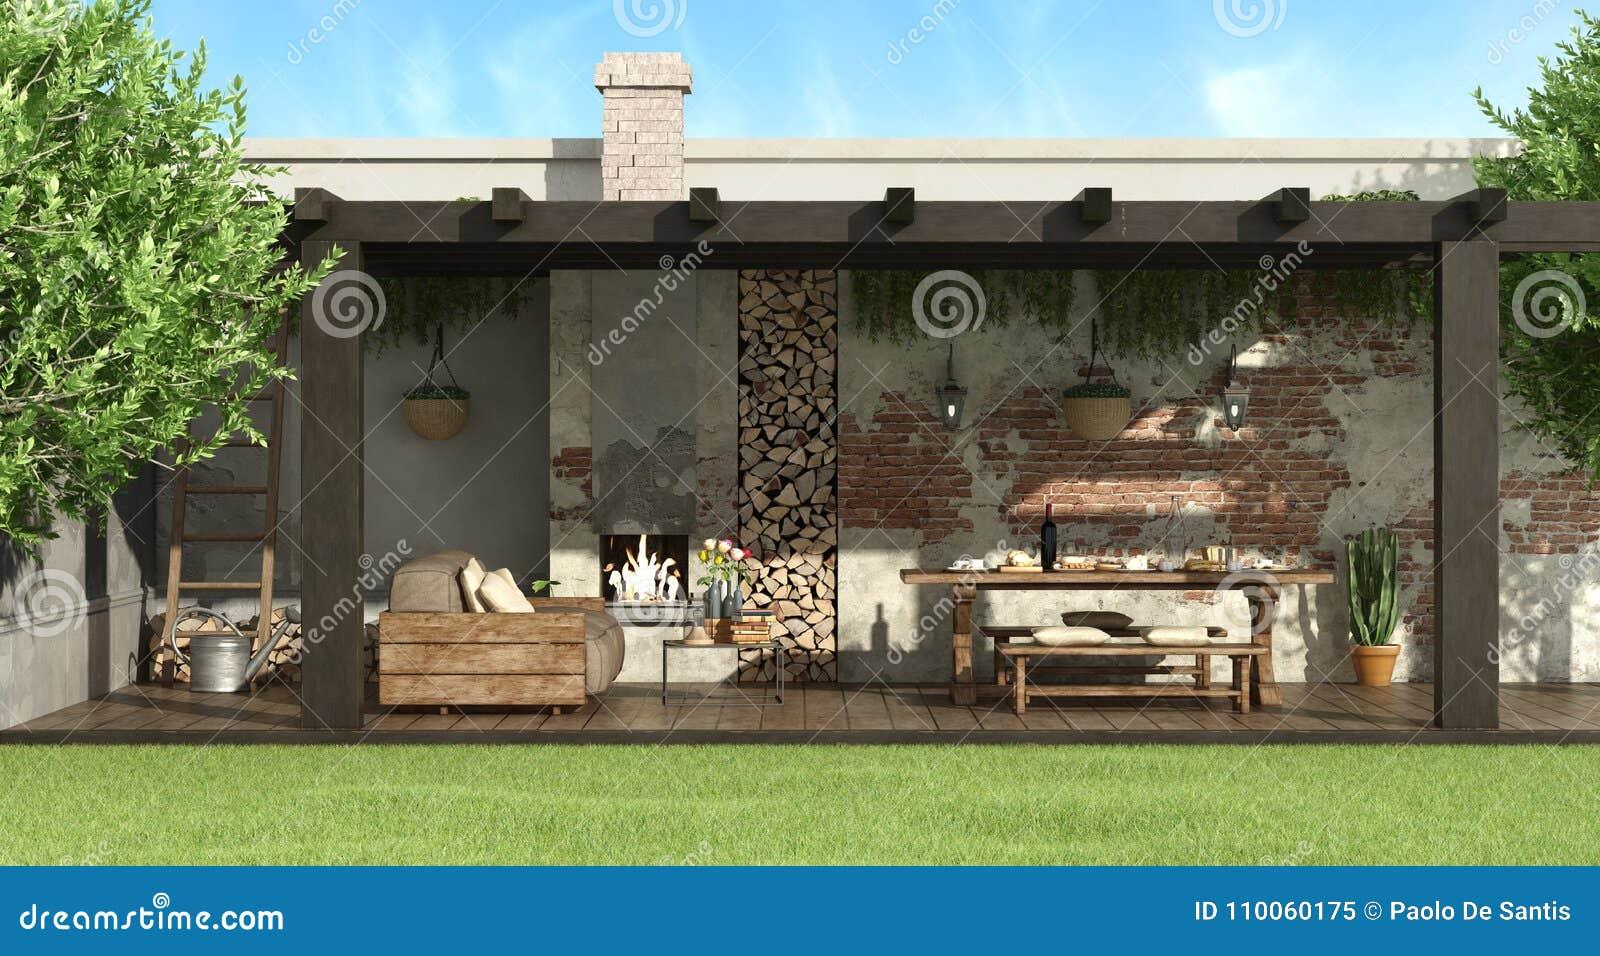 Pergola In Tuin : Rustieke pergola in een tuin stock illustratie illustratie